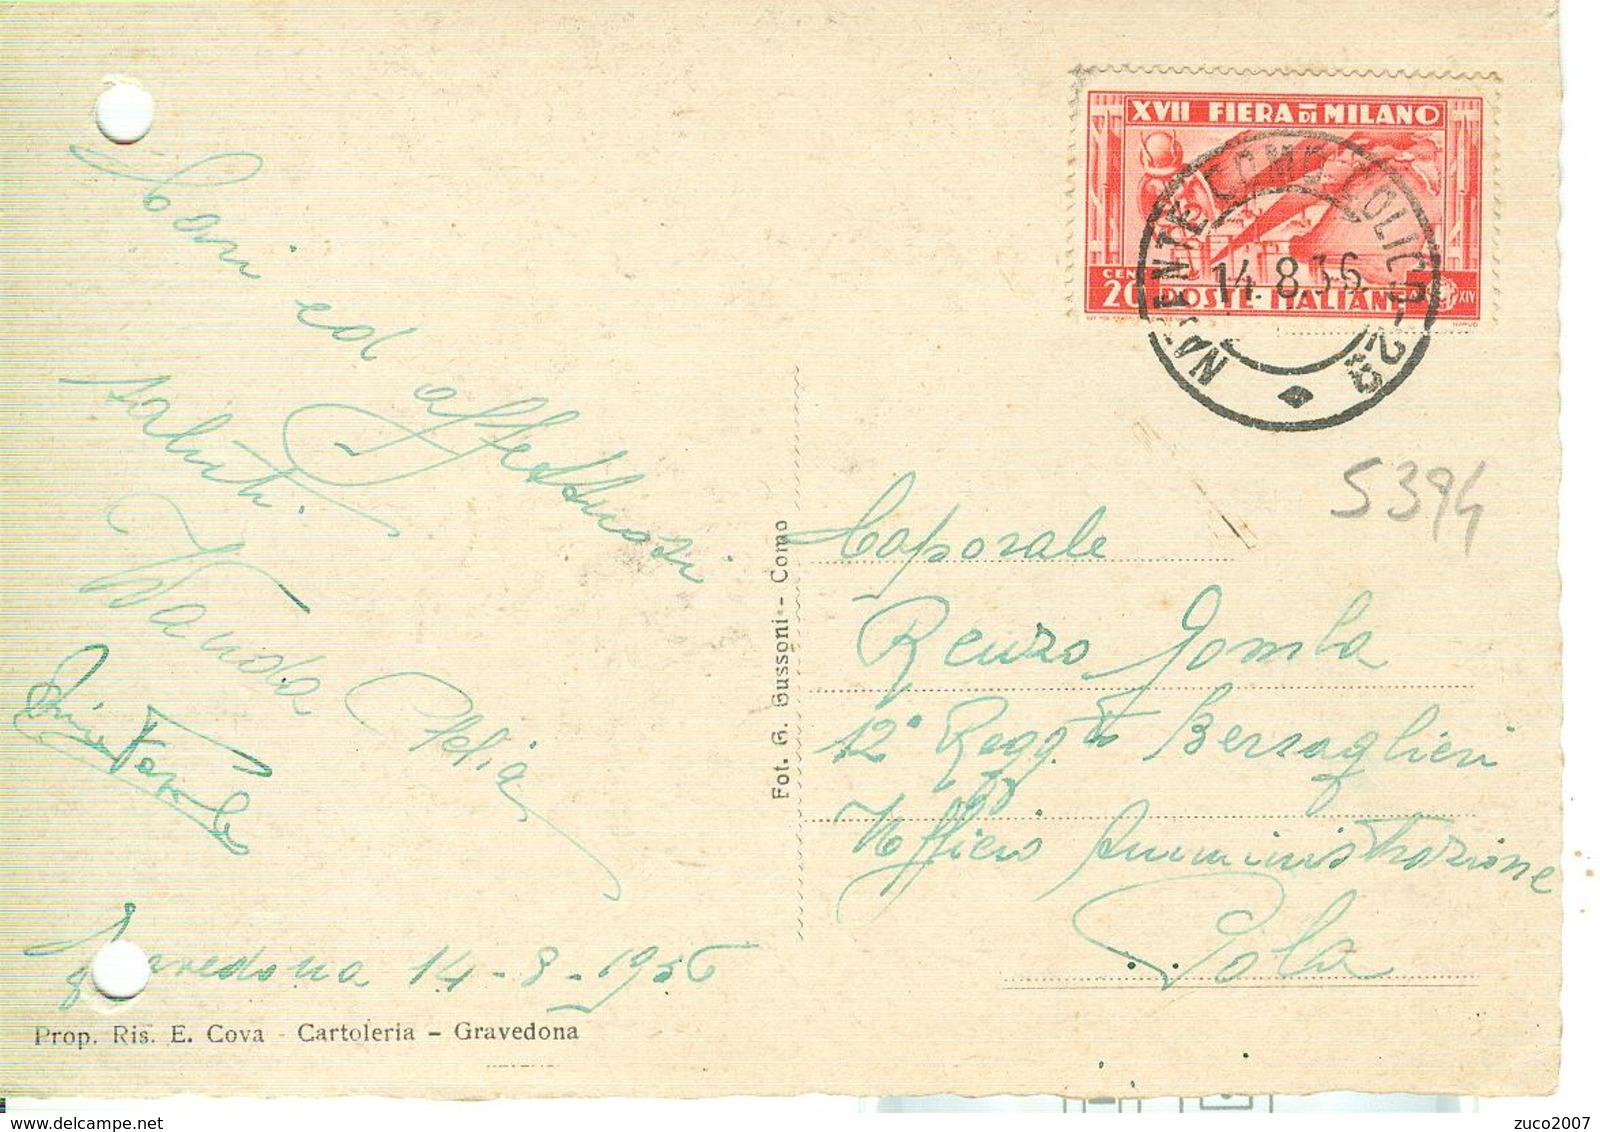 """""""FIERA DI MILANO XVII"""" Cent.20 (S 394),TARIFFA CARTOLINA,1936, PER POLA-TIMBRO POSTE NATANTE COMO-COLICO 29-GRAVEDONA - Storia Postale"""